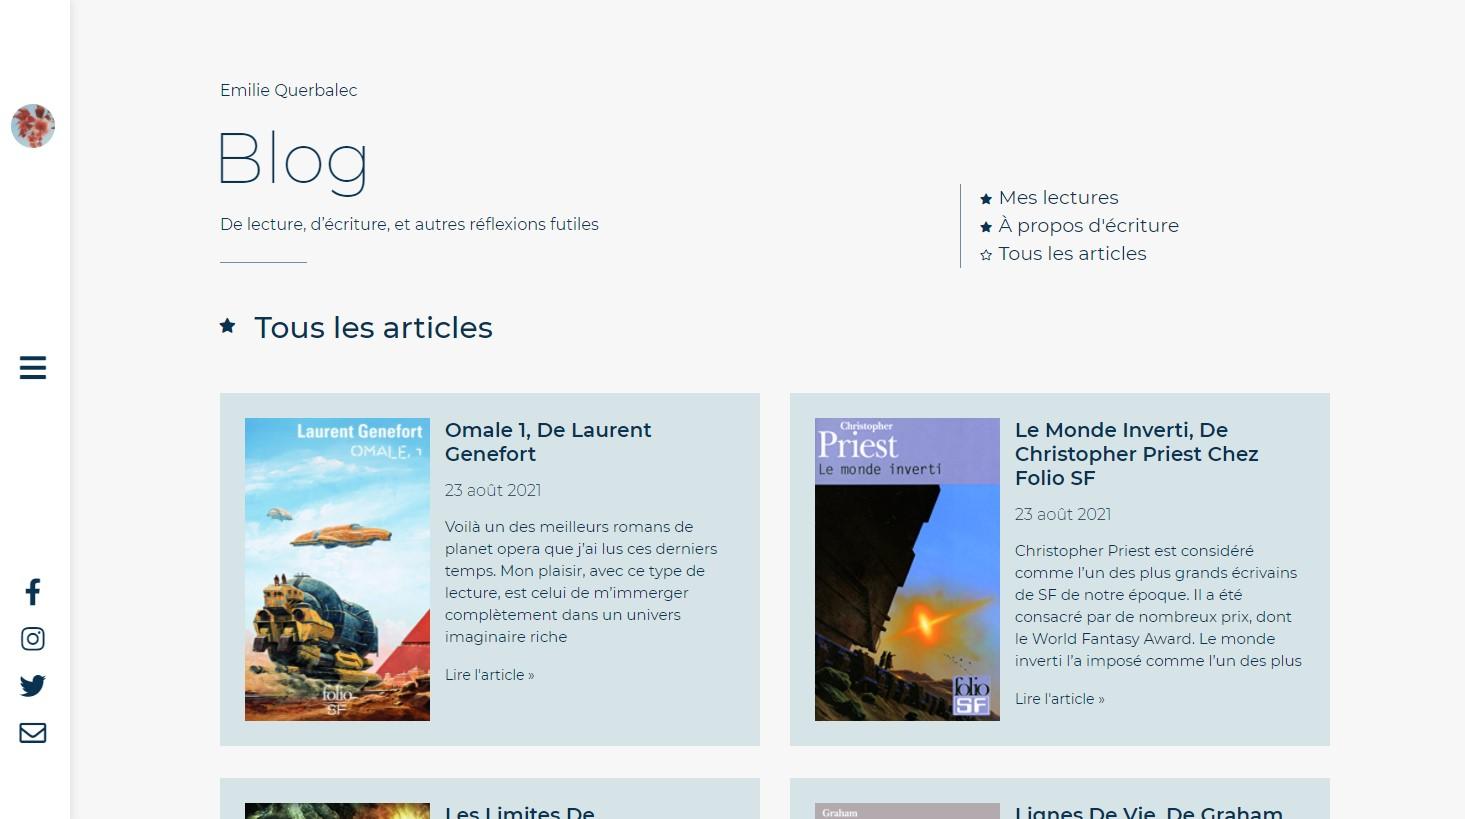 Capture d'écran page blog du site de Querbalec